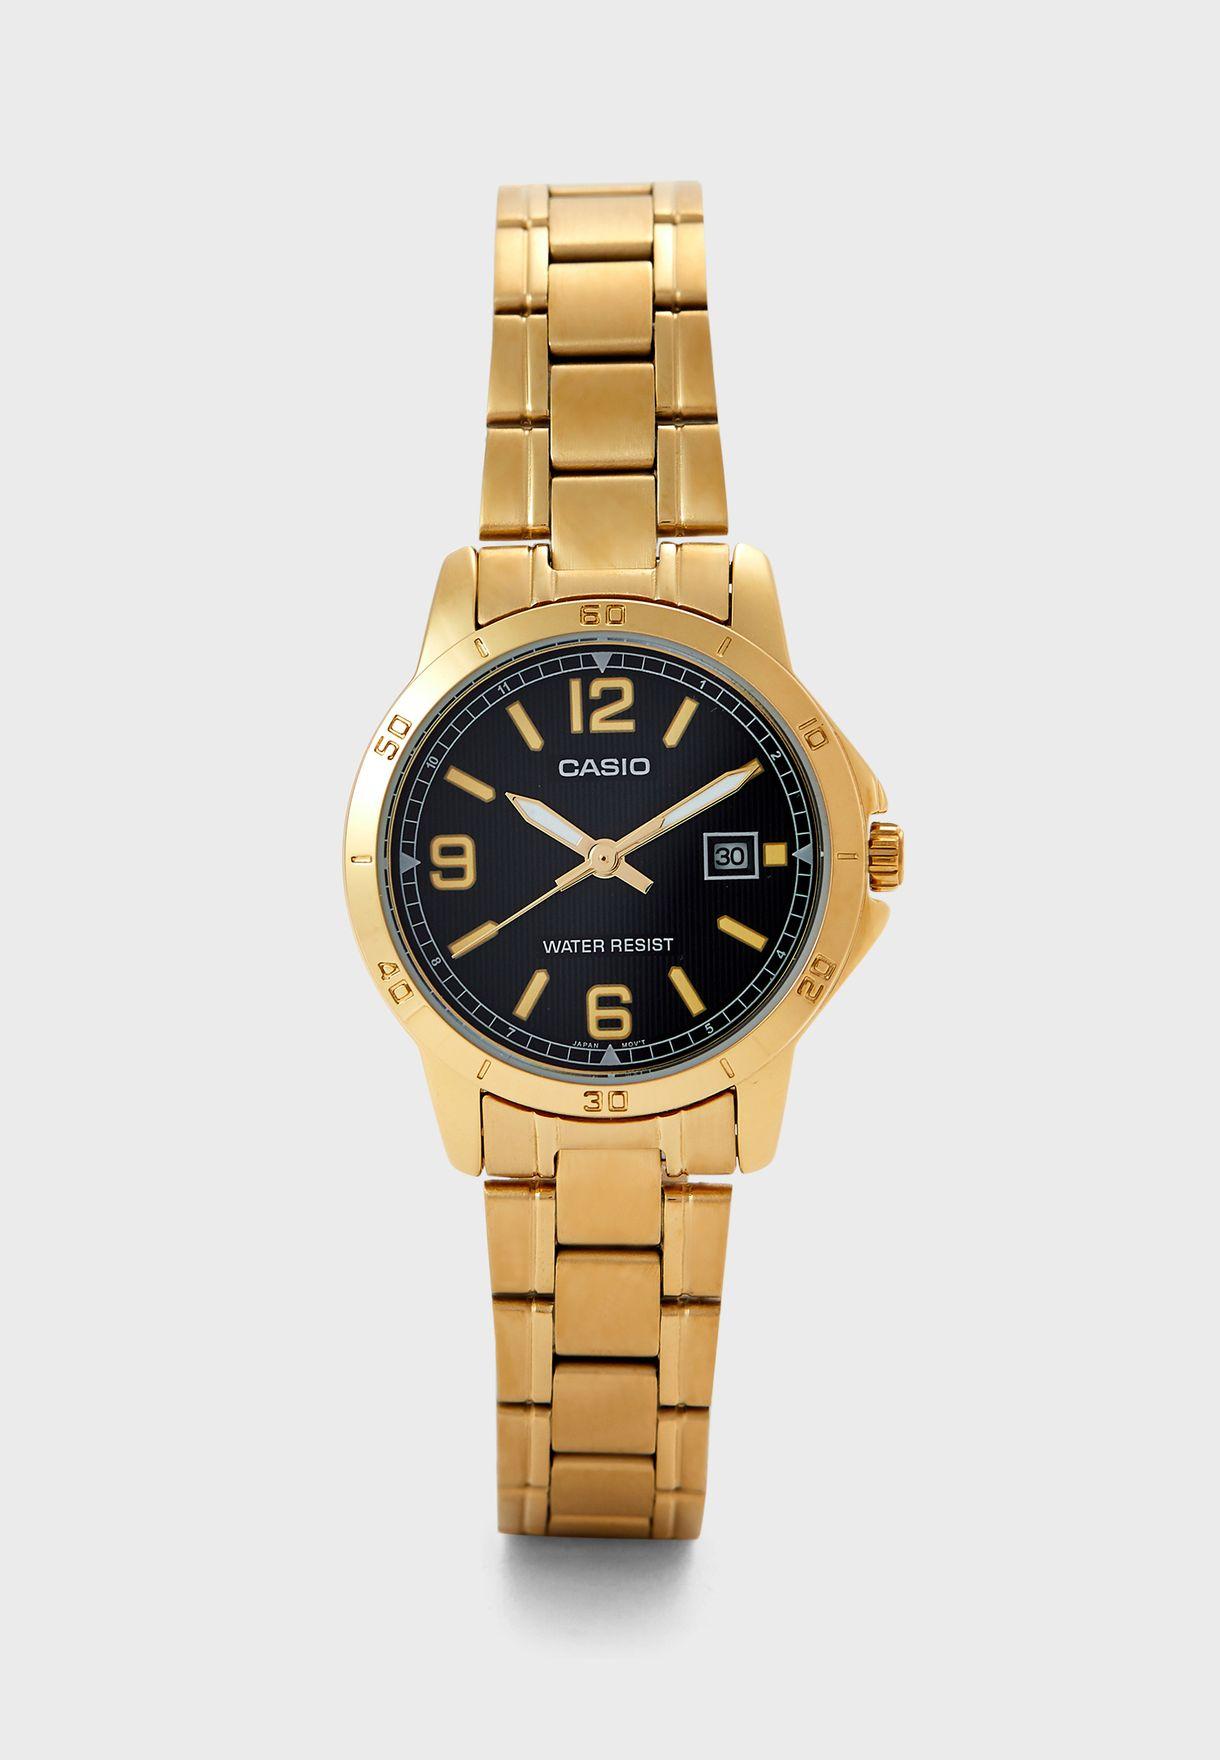 LTP-V004G-1BUDF Analog Watch